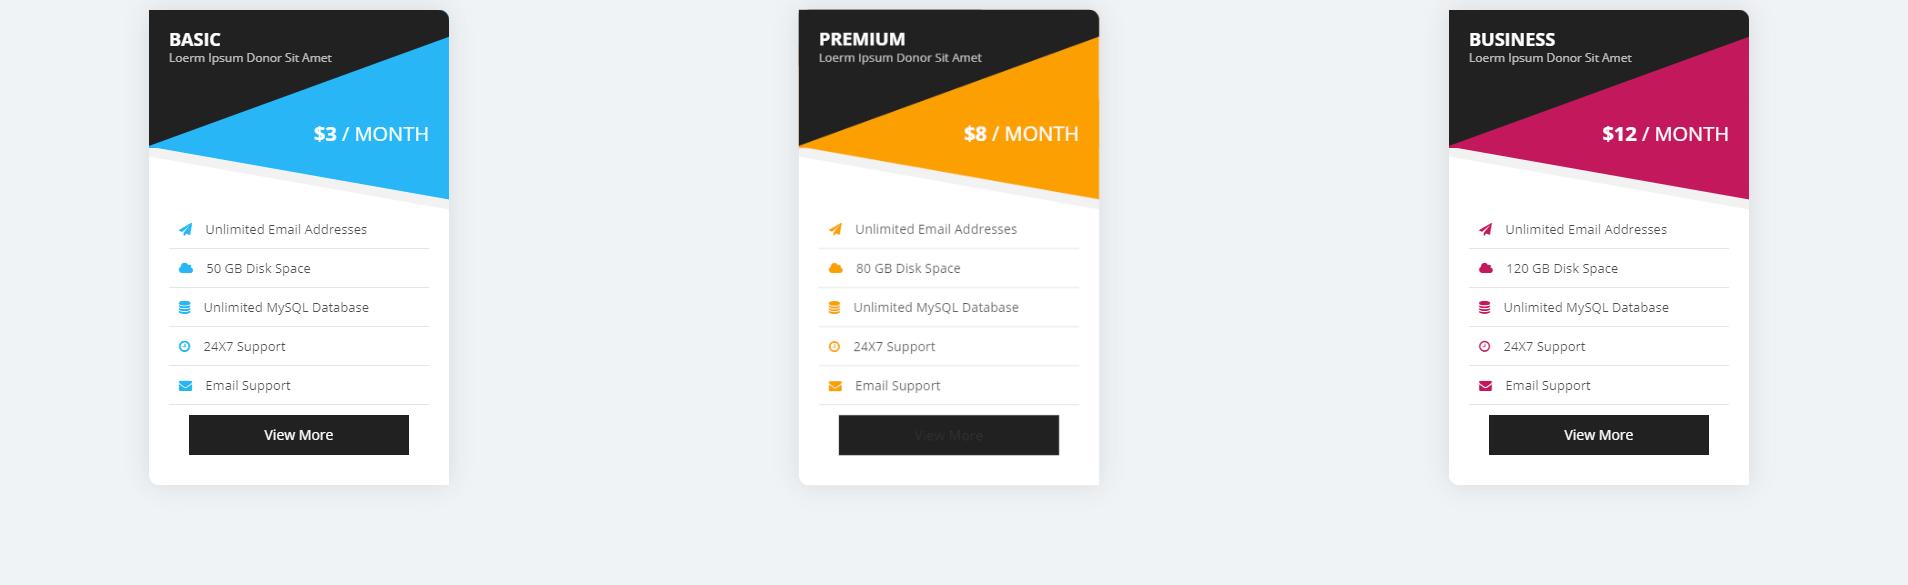 Pricing table(bảng giá dịch vụ) xây dựng bằng HTML, CSS và Bootstrap